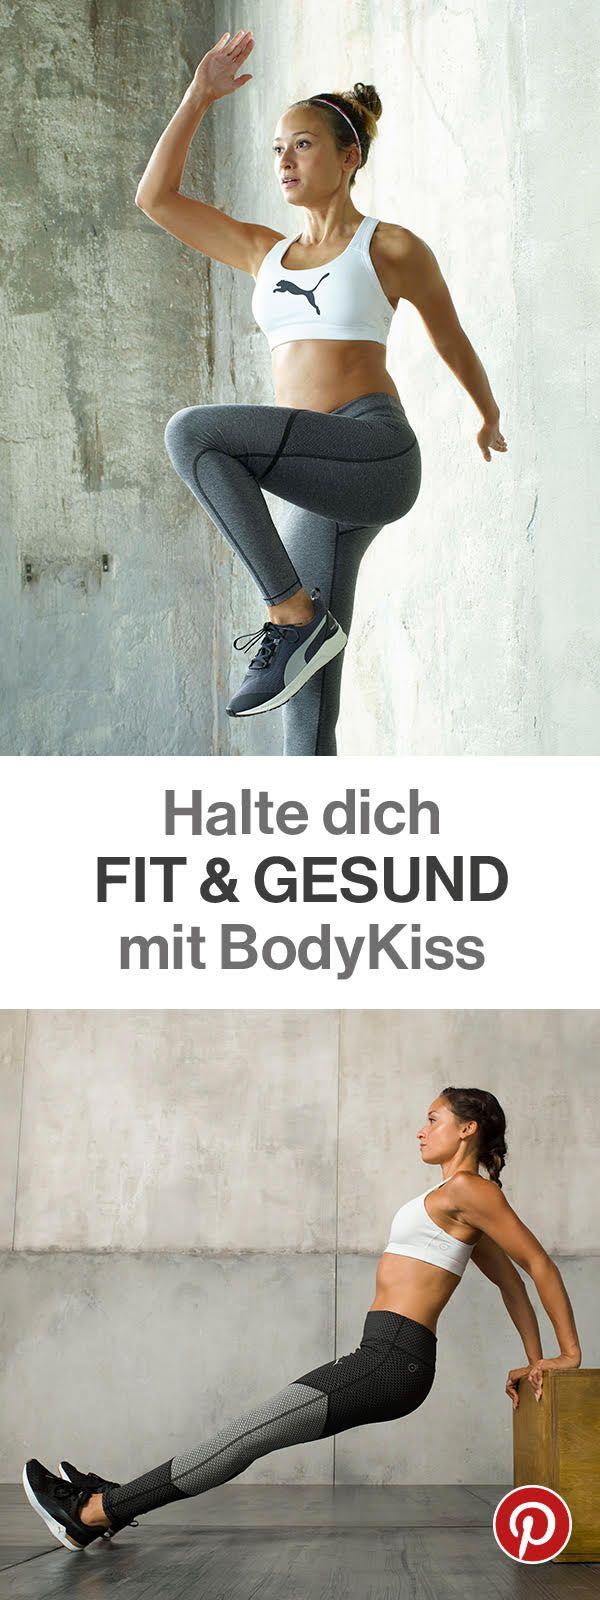 Sportlich ins neue Jahr mit Anne Kissner von BodyKiss: Macht bei unserer ersten Idea Journey im Monat Januar unter dem Motto 'fit und gesund' mit. Tut euch etwas Gutes und probiert neue Rezepte und effektive Workouts aus.